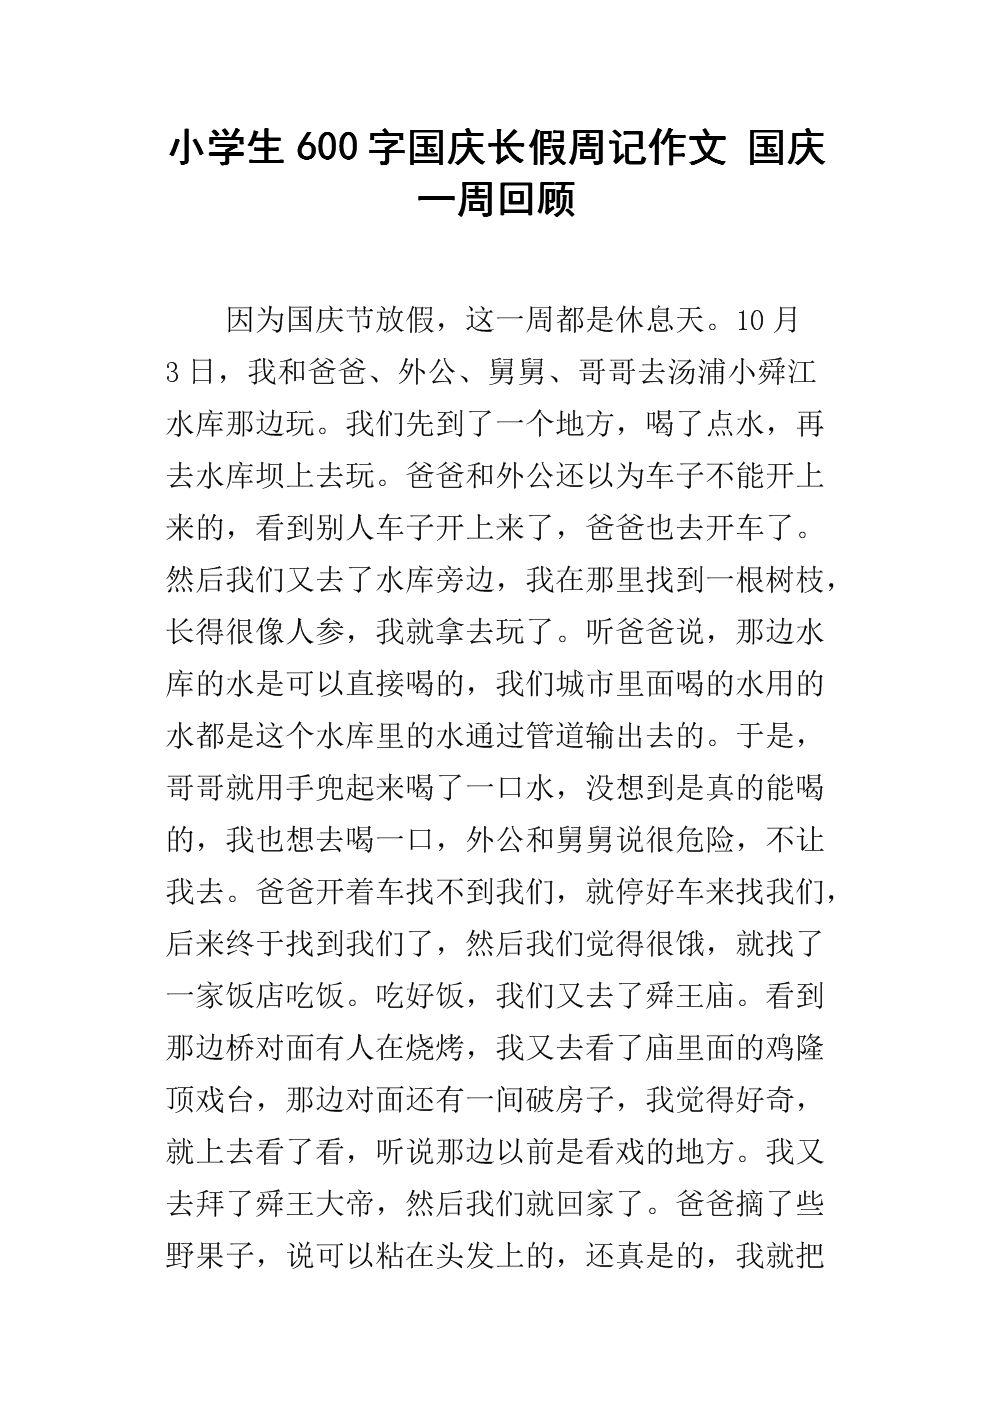 [国庆节作文350字]国庆节作文600字